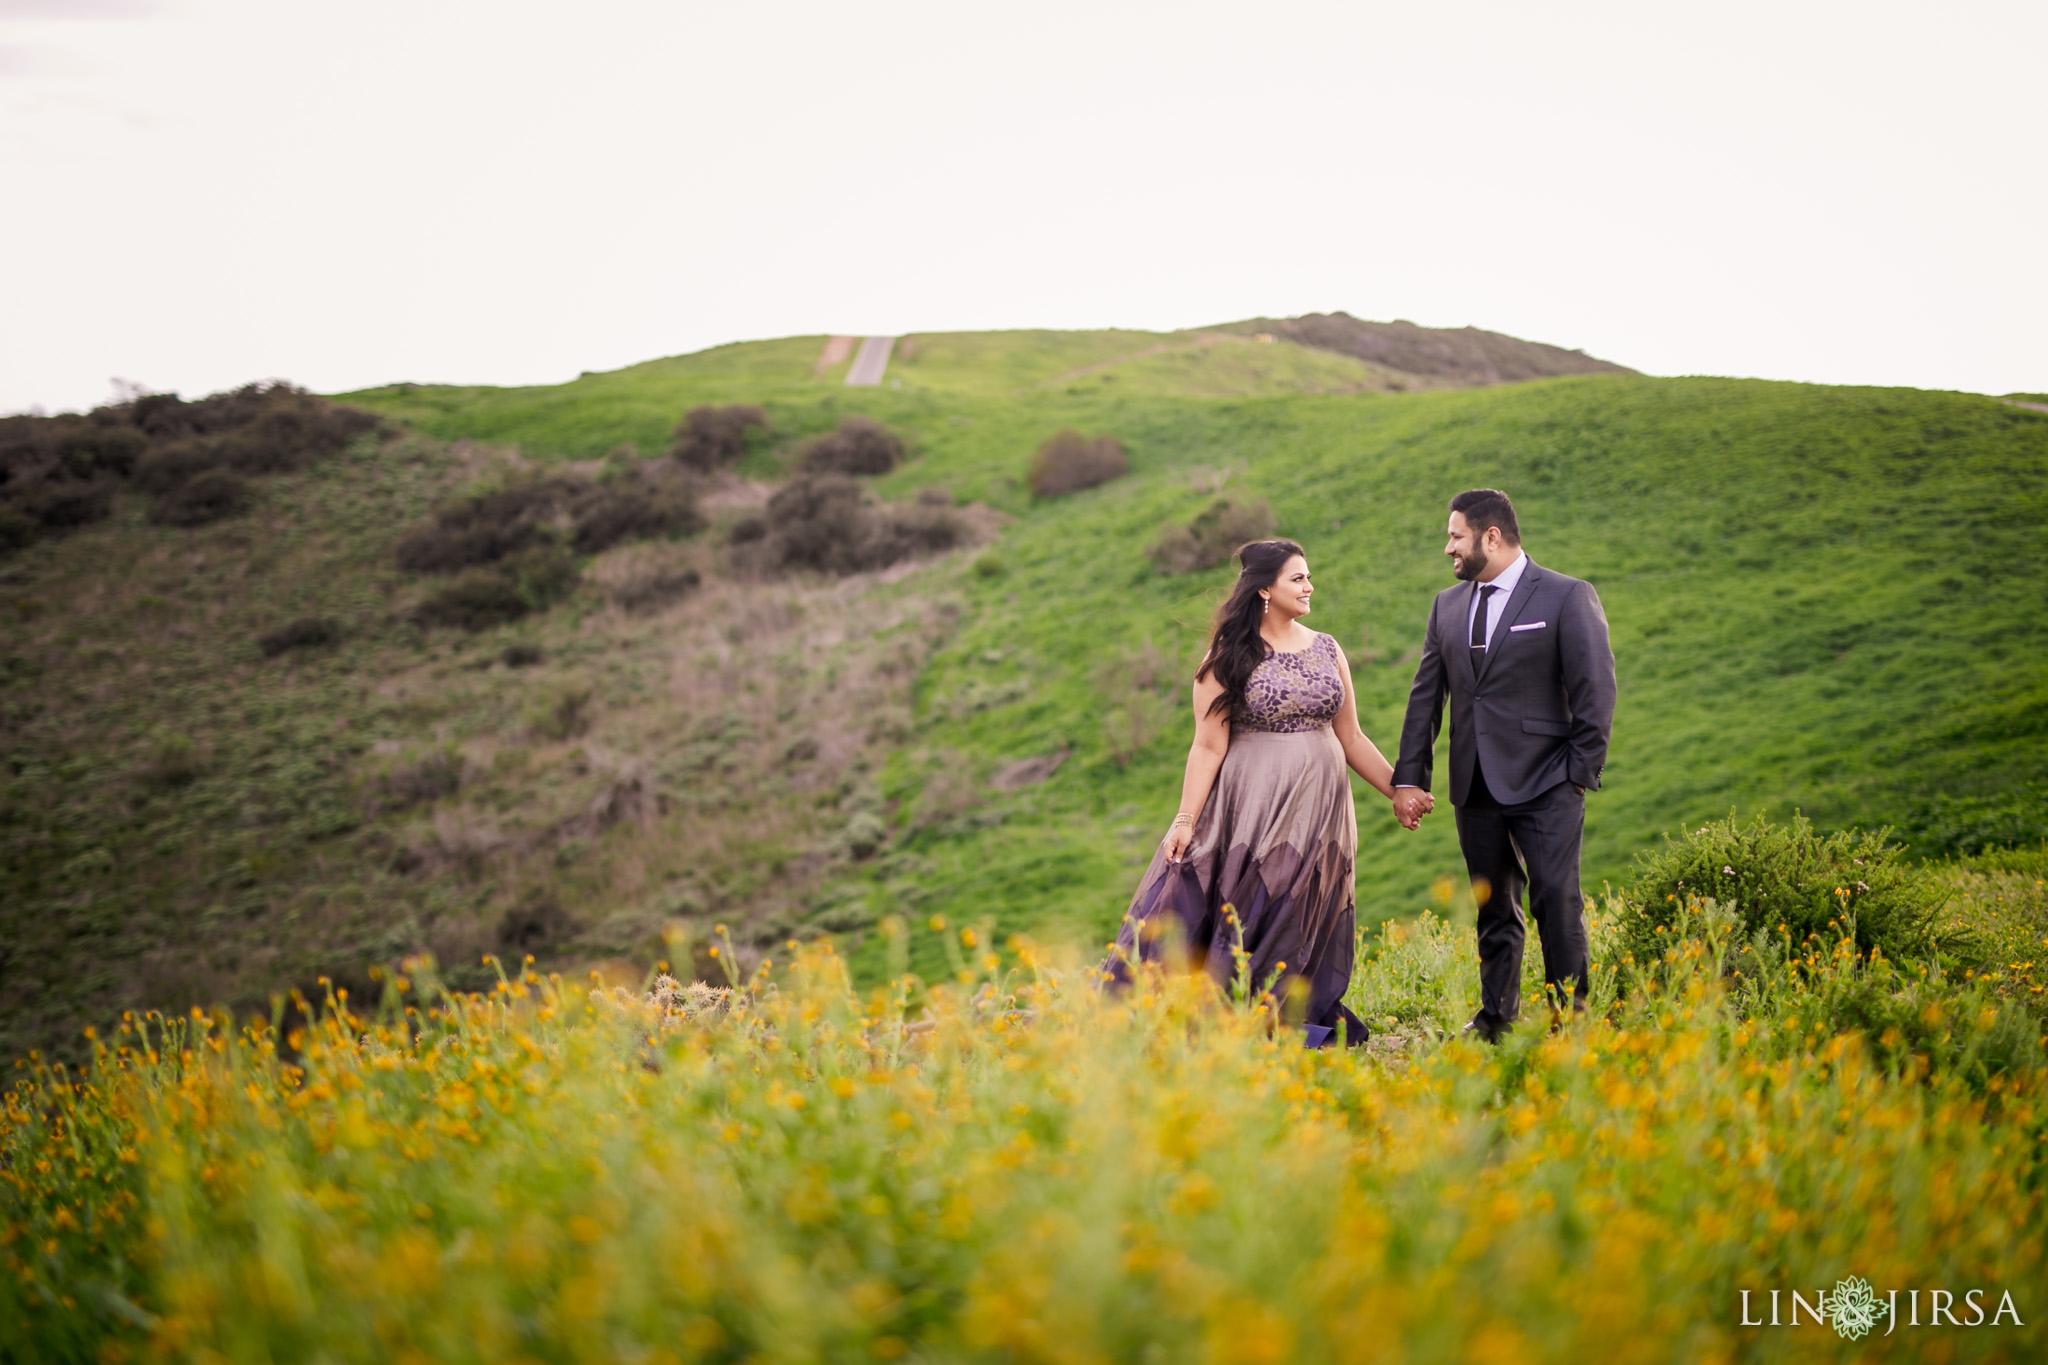 zsr Heisler Park Laguna Beach Engagement Photography